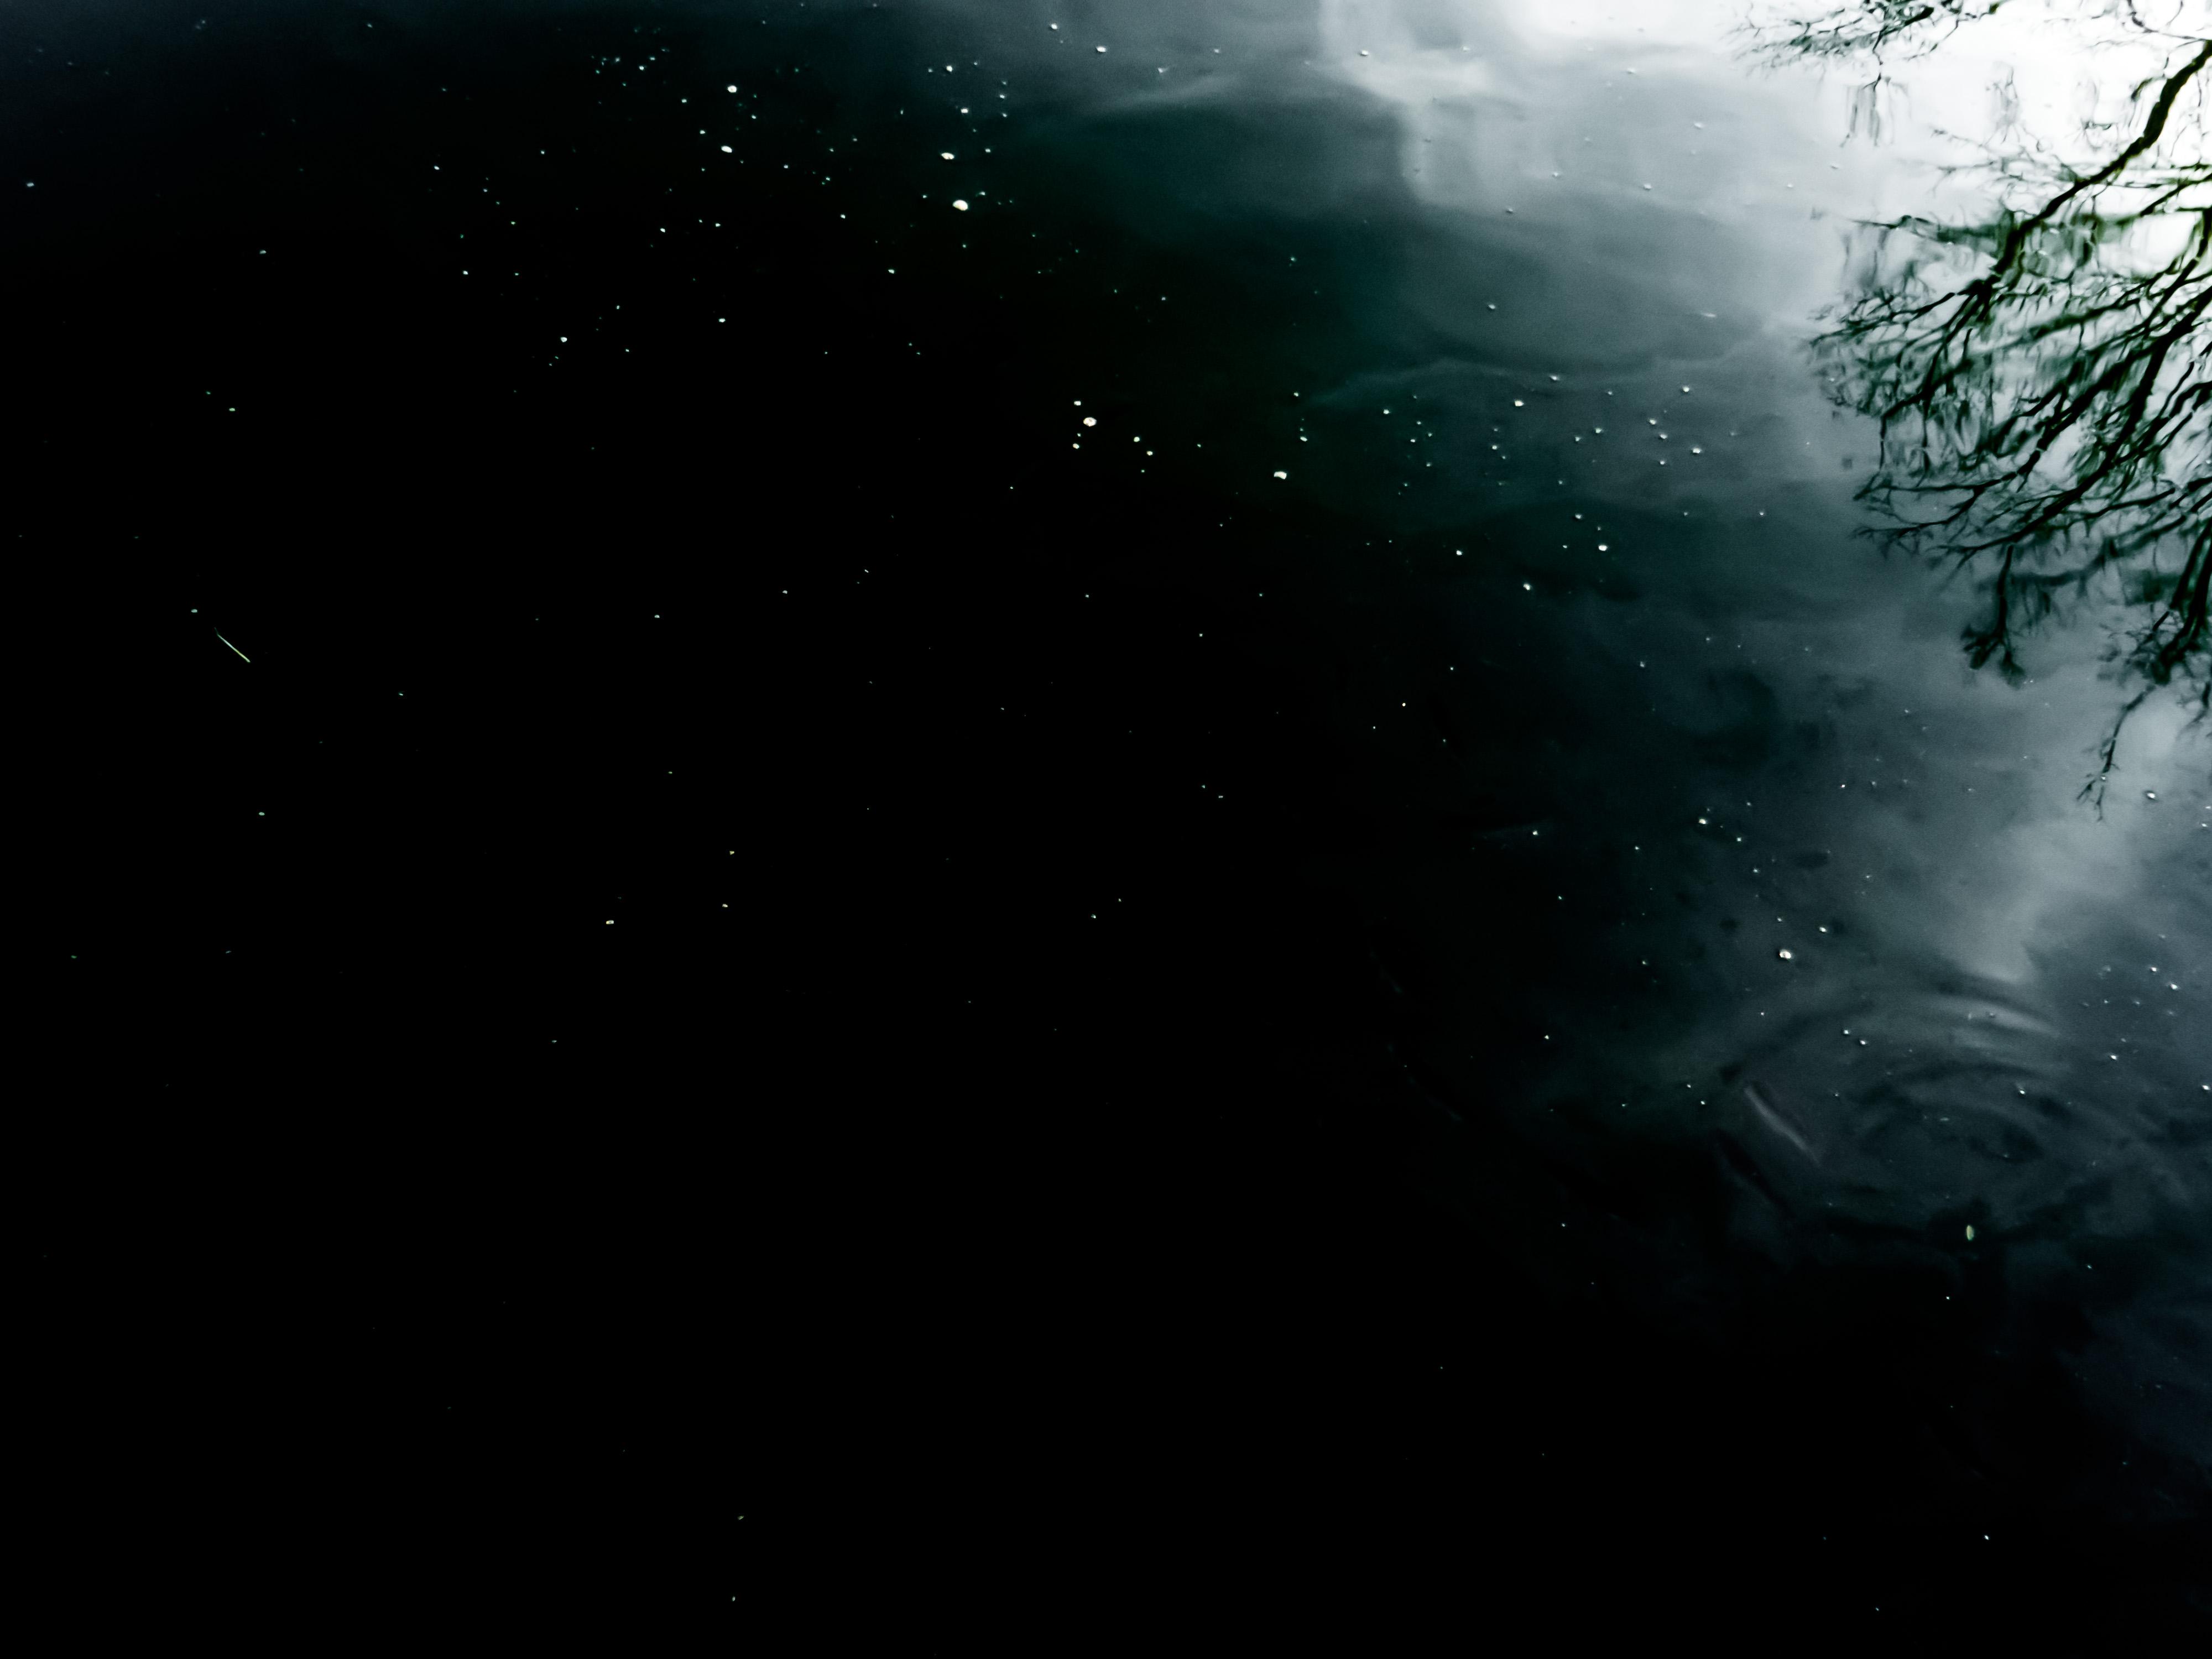 Dark water, Beautiful, Black, Dark, Nature, HQ Photo